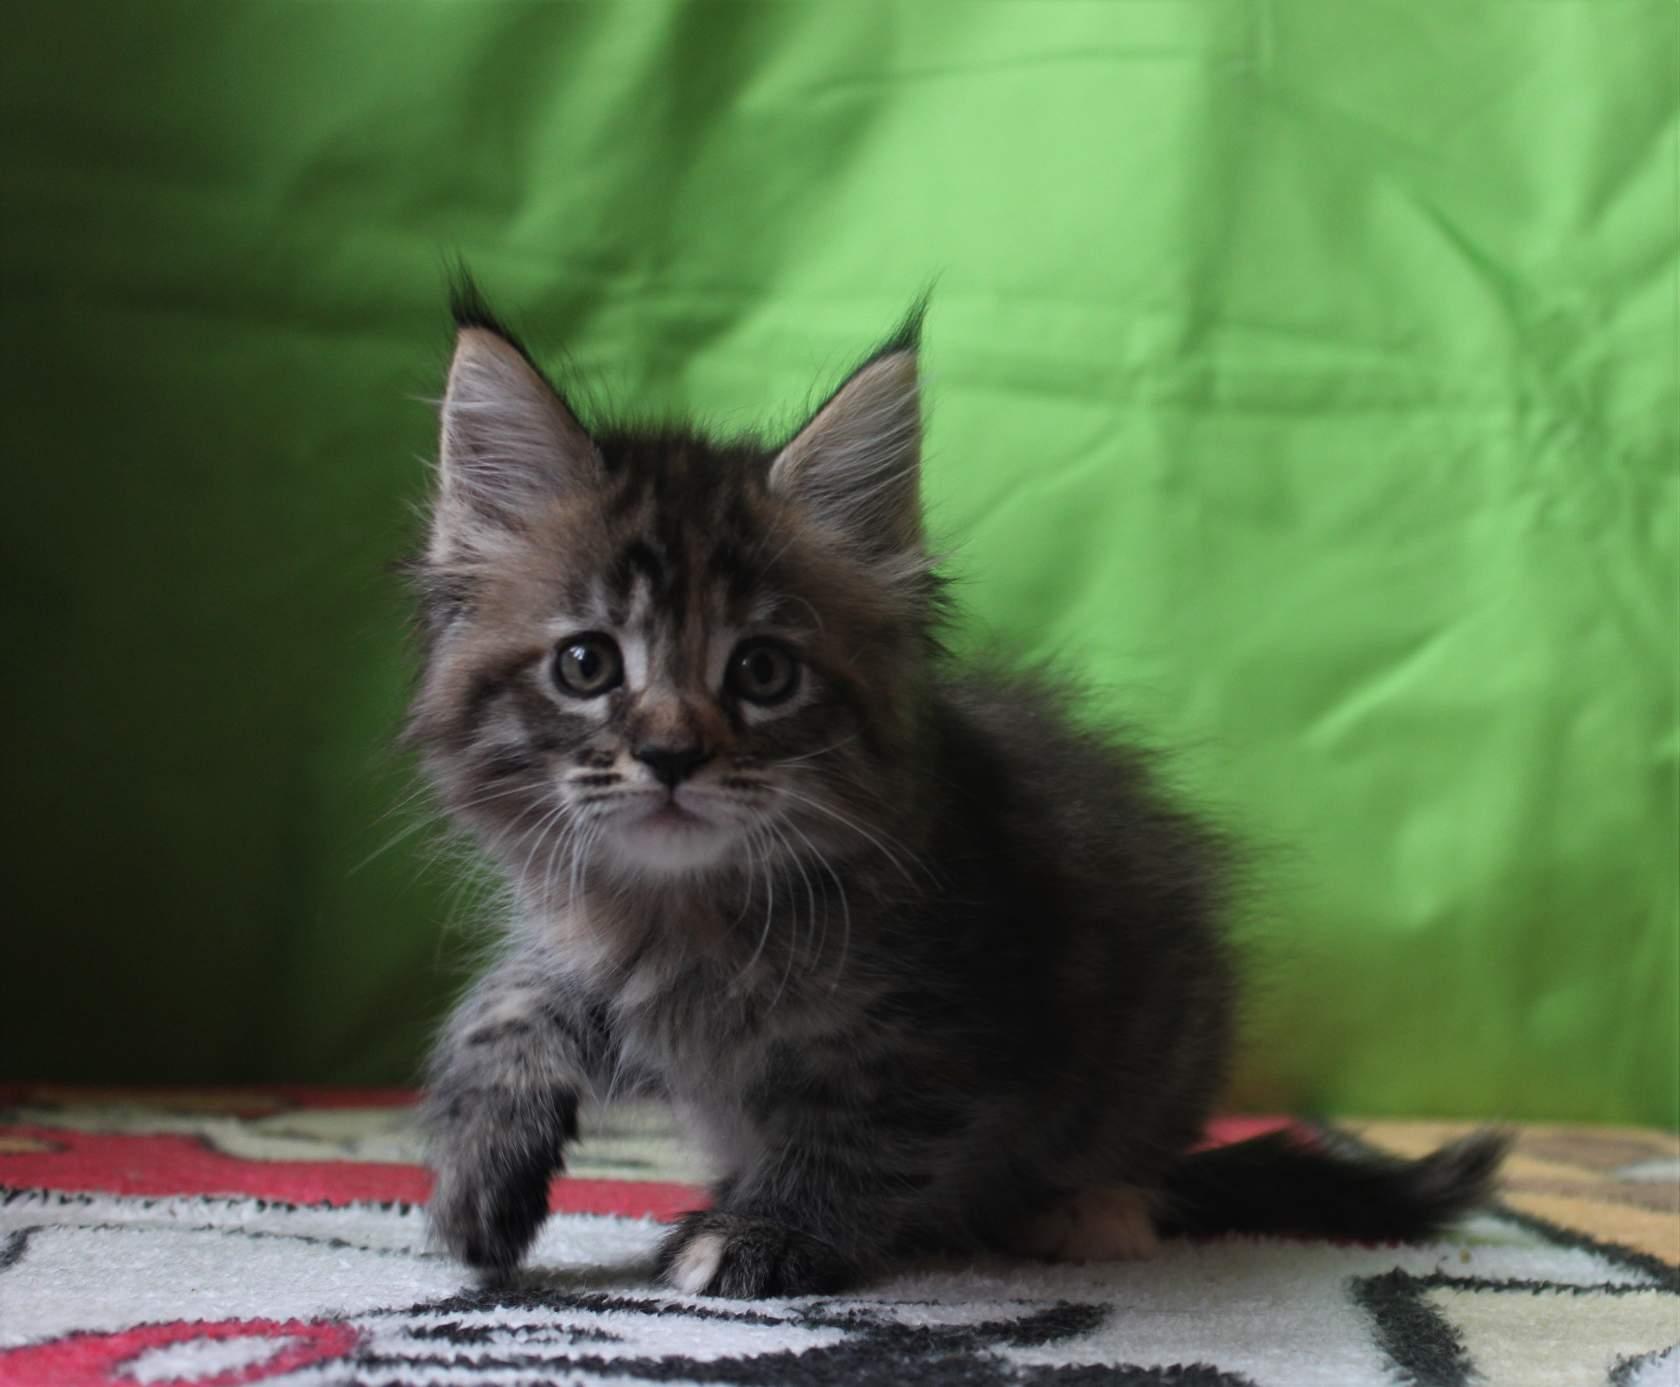 Белый мейн - кун: фото кошки с этим окрасом, котята с голубыми глазами, проблемы и характер, особенности питания и подходящие клички